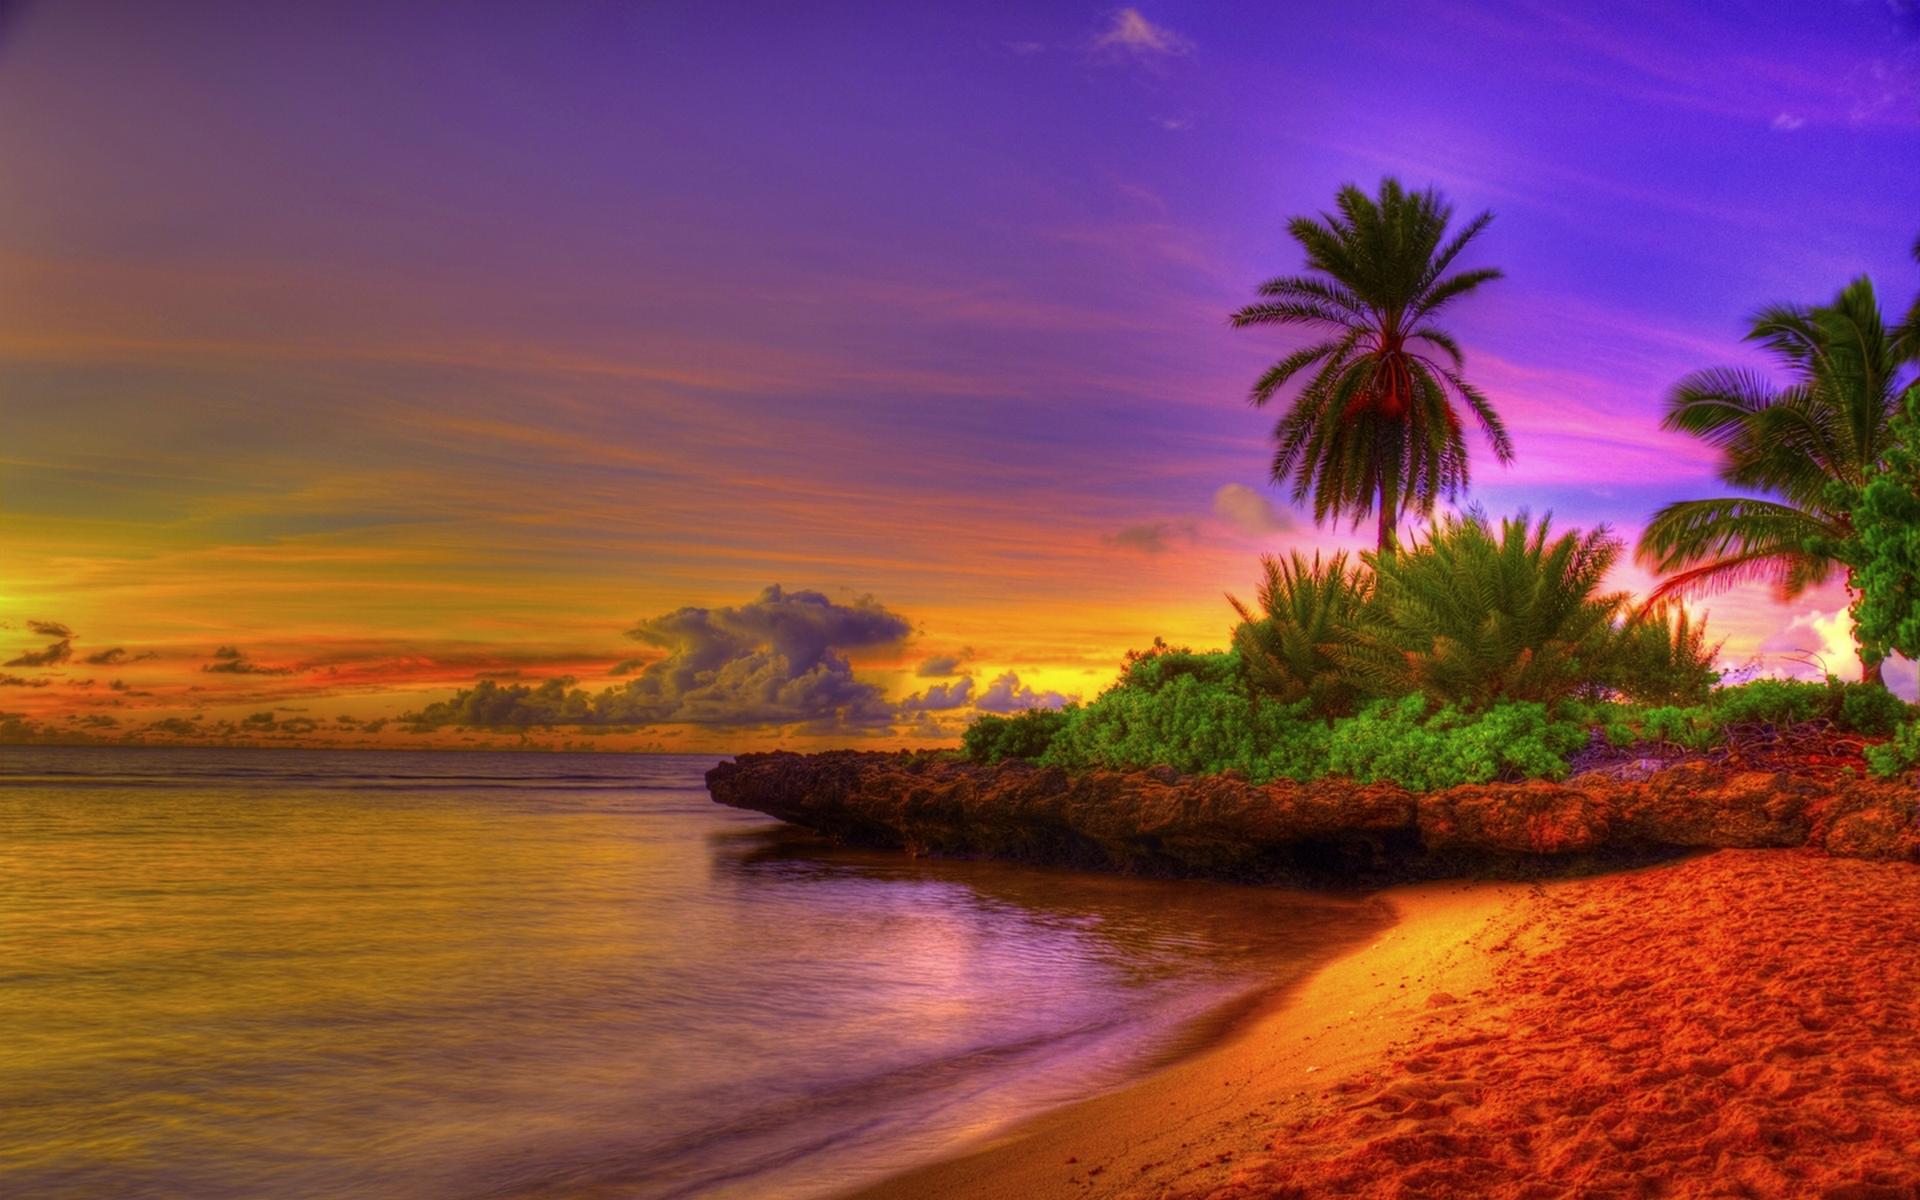 tropical beach image beautiful tropical beach sunset tropical beach 1920x1200